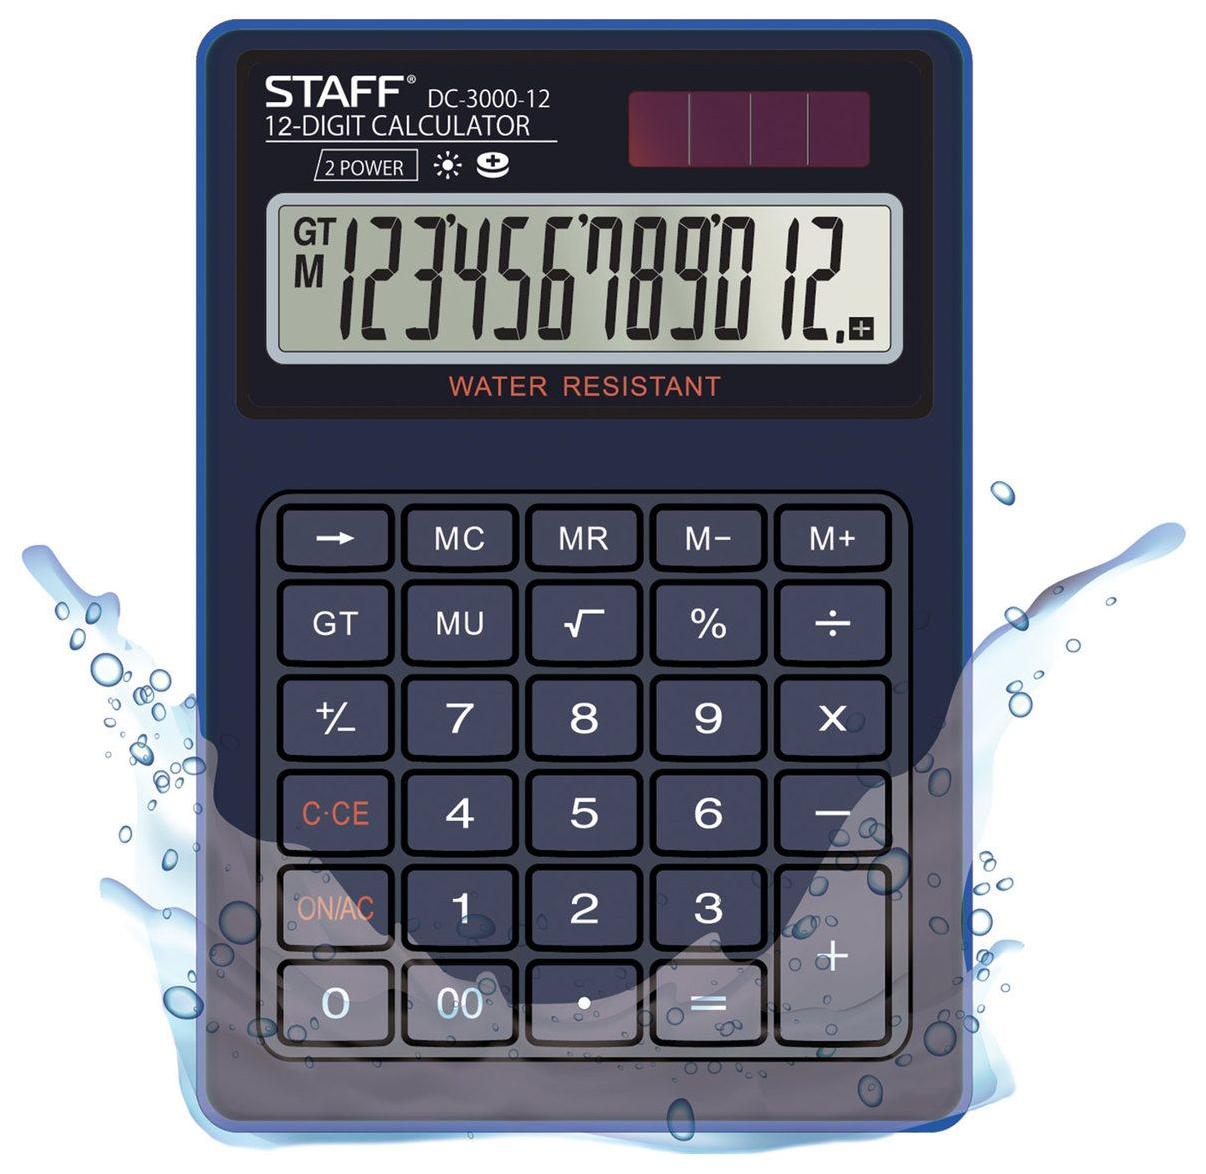 Калькулятор Staff PLUS настольный DC-3000-12, водонепроницаемый, 12 разрядов, двойное п...